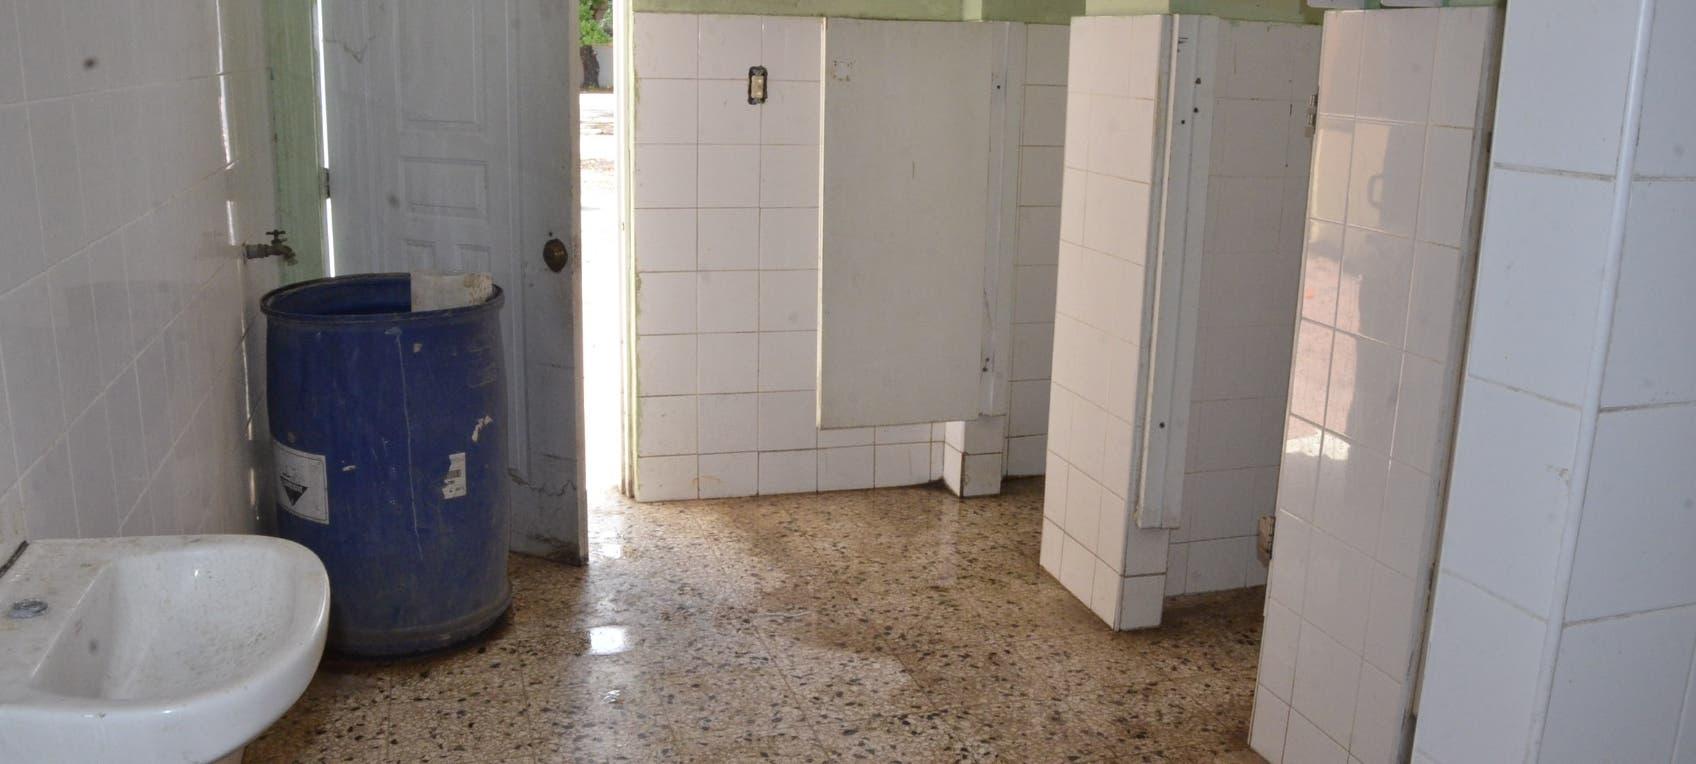 Educación dice remodelará escuelas y fija fecha para retorno a las aulas